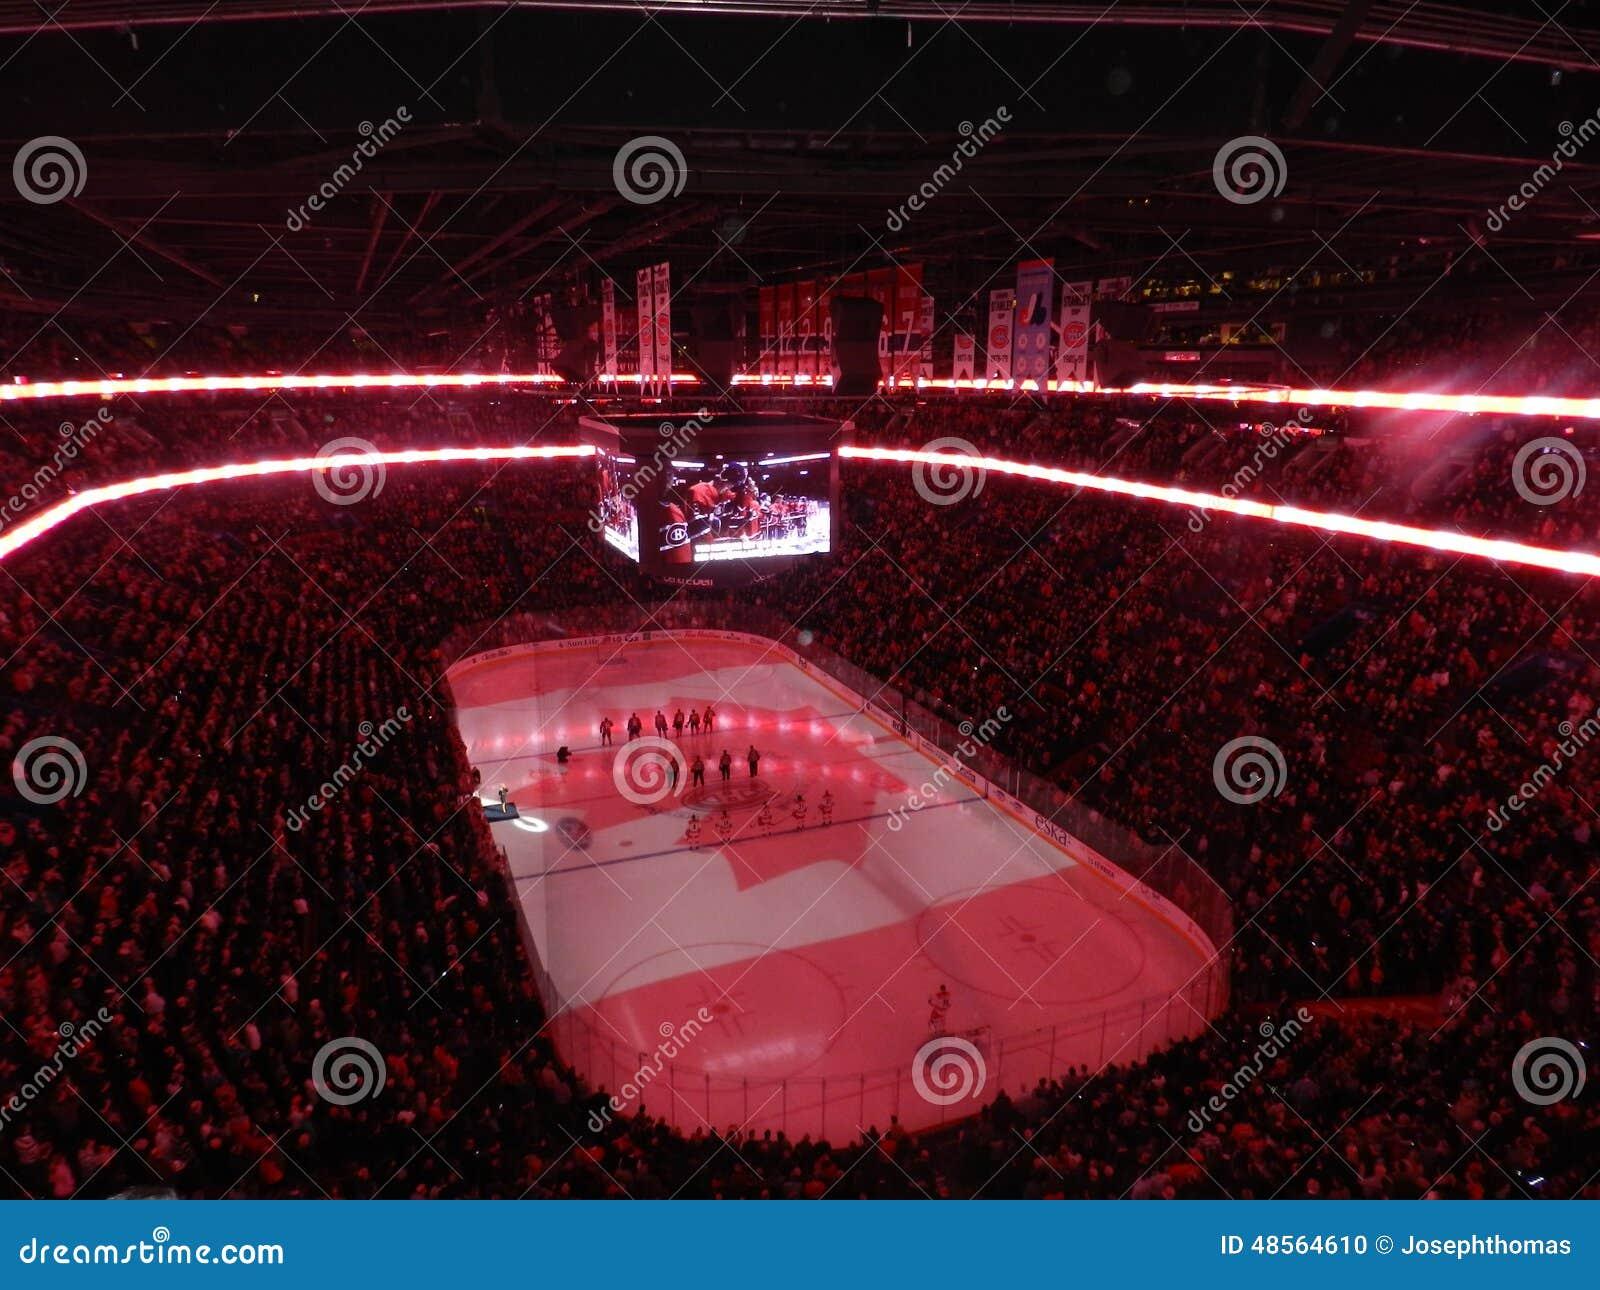 Montreal Kanada dom Canadiens Habs bawić się w centre Dzwonkowym centrum (Kanada flaga)